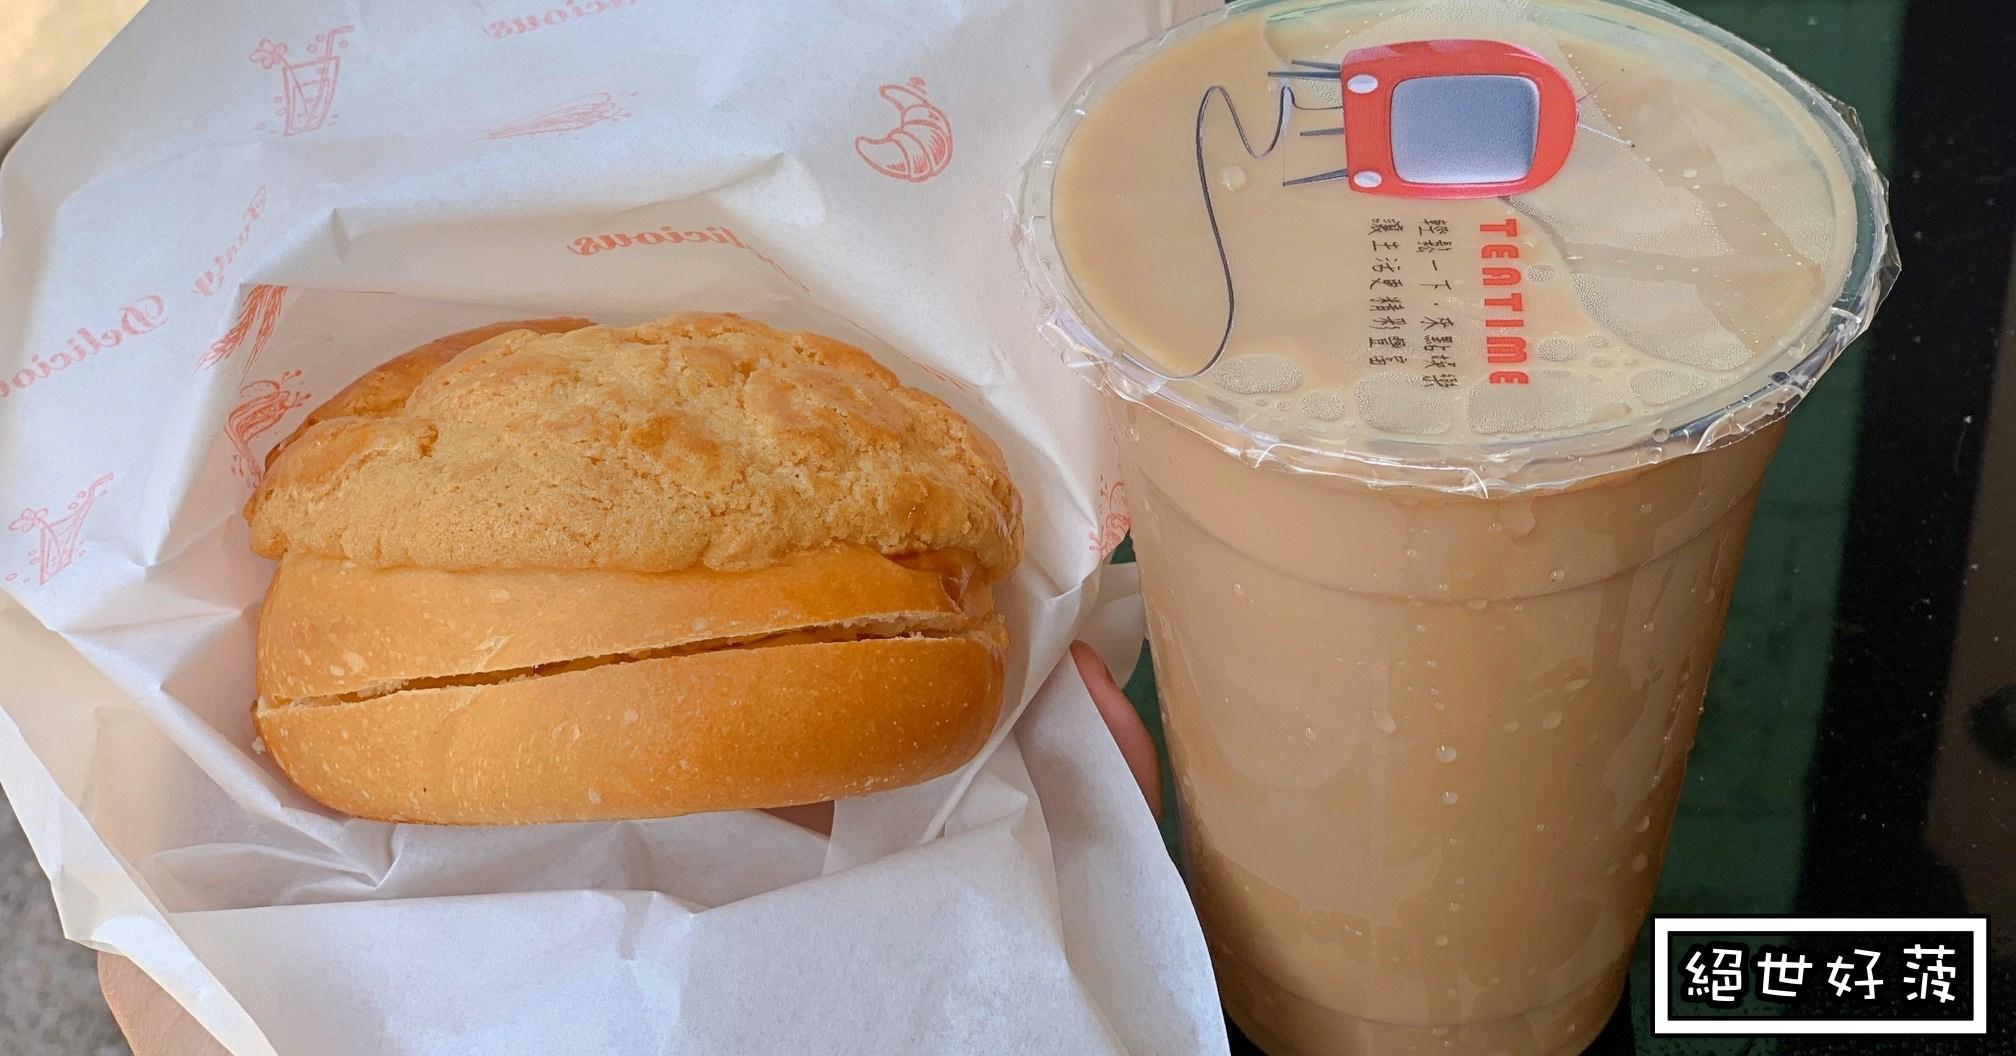 絕世好菠|士林夜市美食推薦-喝奶茶就好了 冰火菠蘿請放生 (菜單價錢)